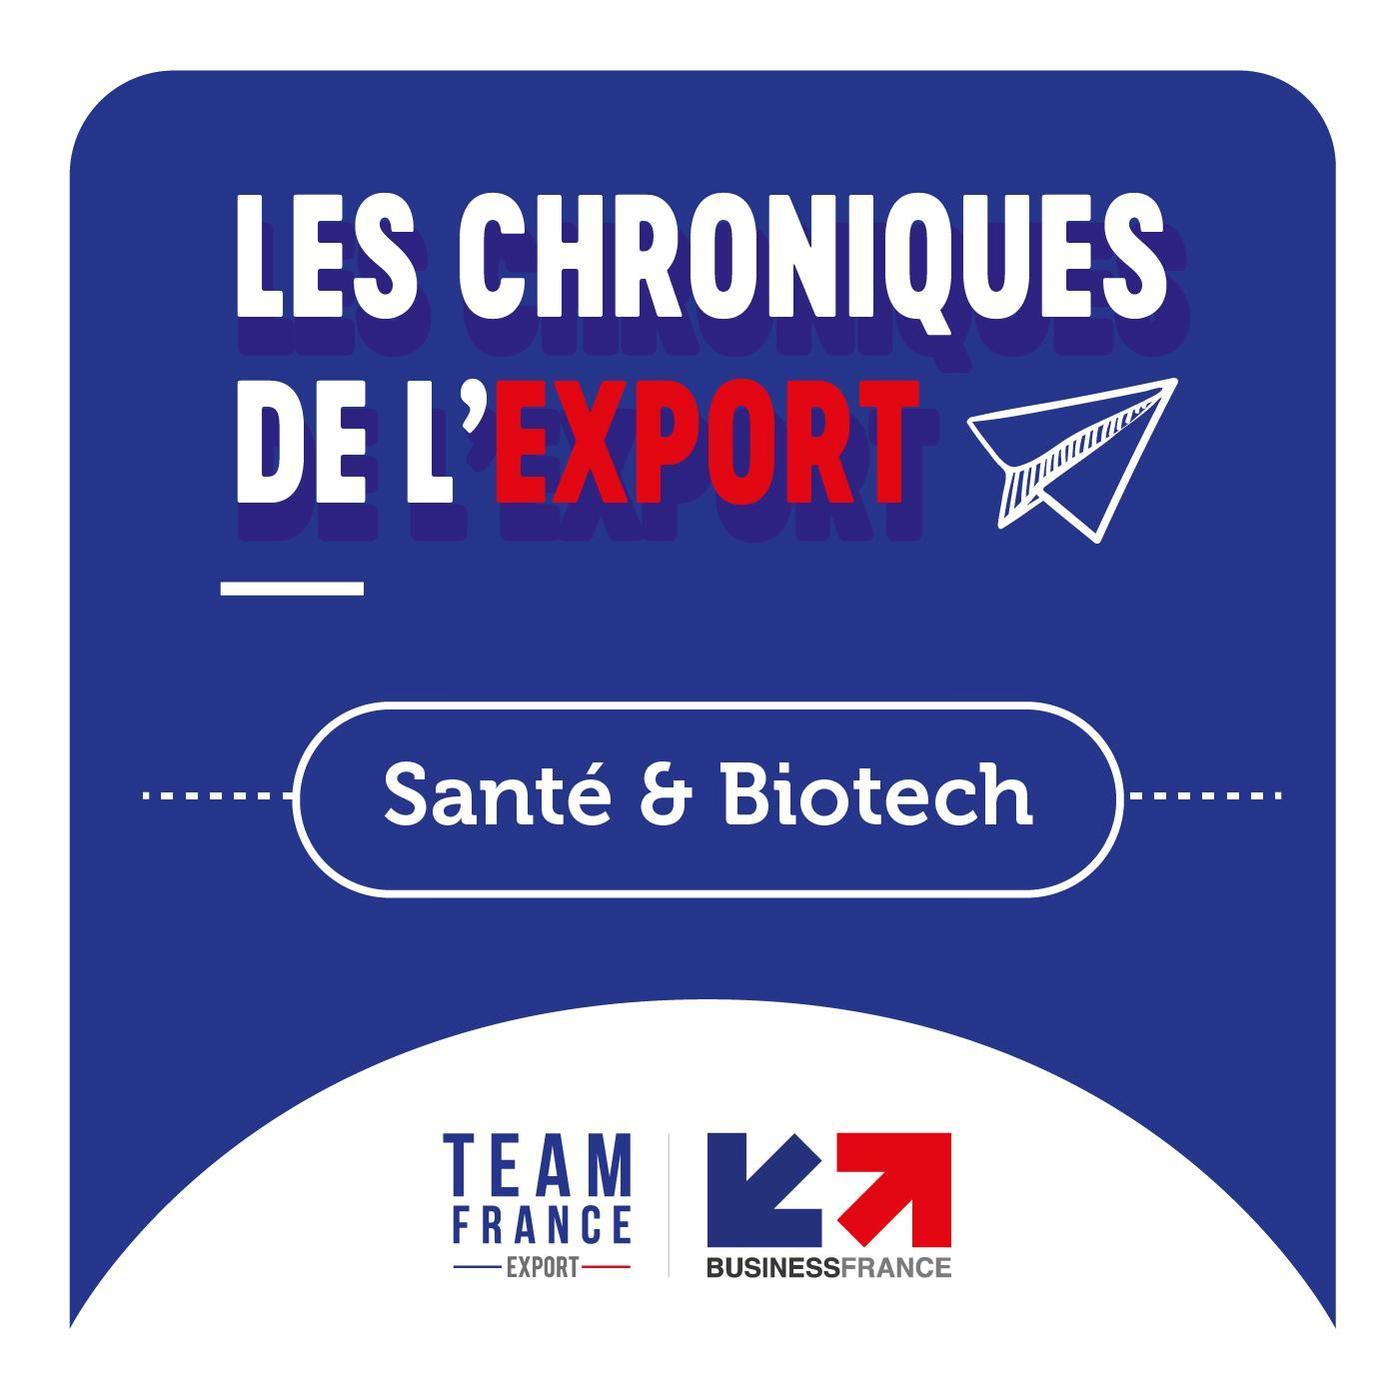 Les Chroniques de l'Export : Santé & Biotech